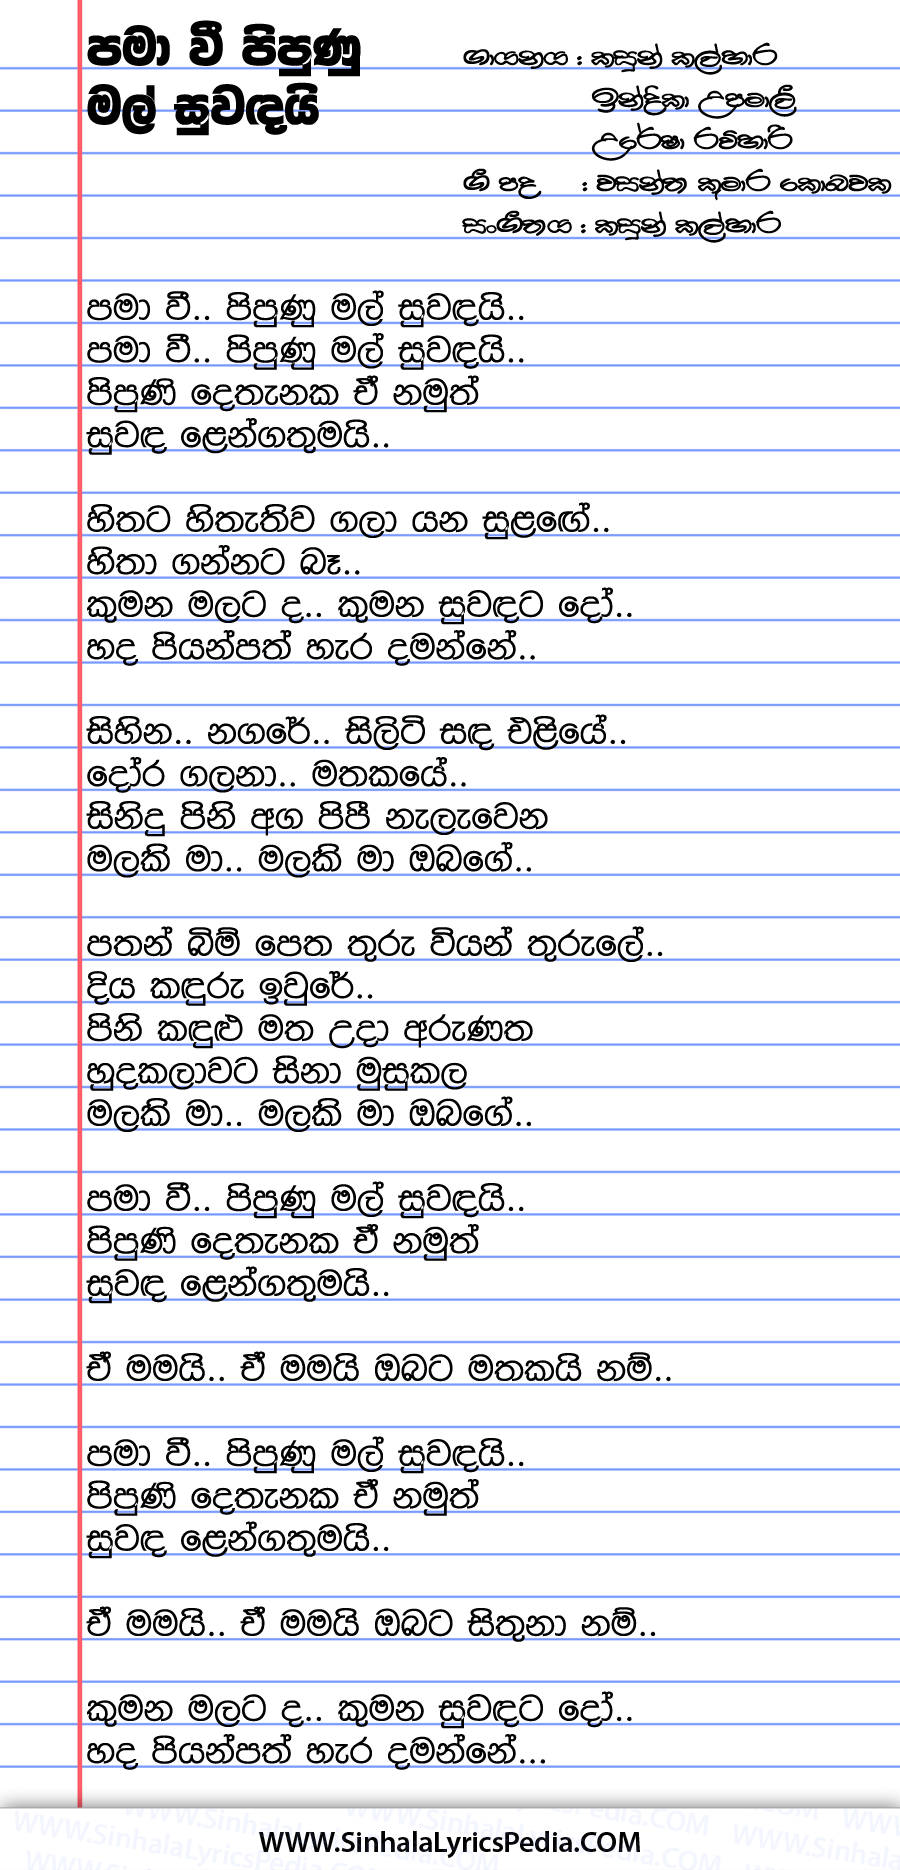 Pamawee Pipunu Mal Suwandai Song Lyrics